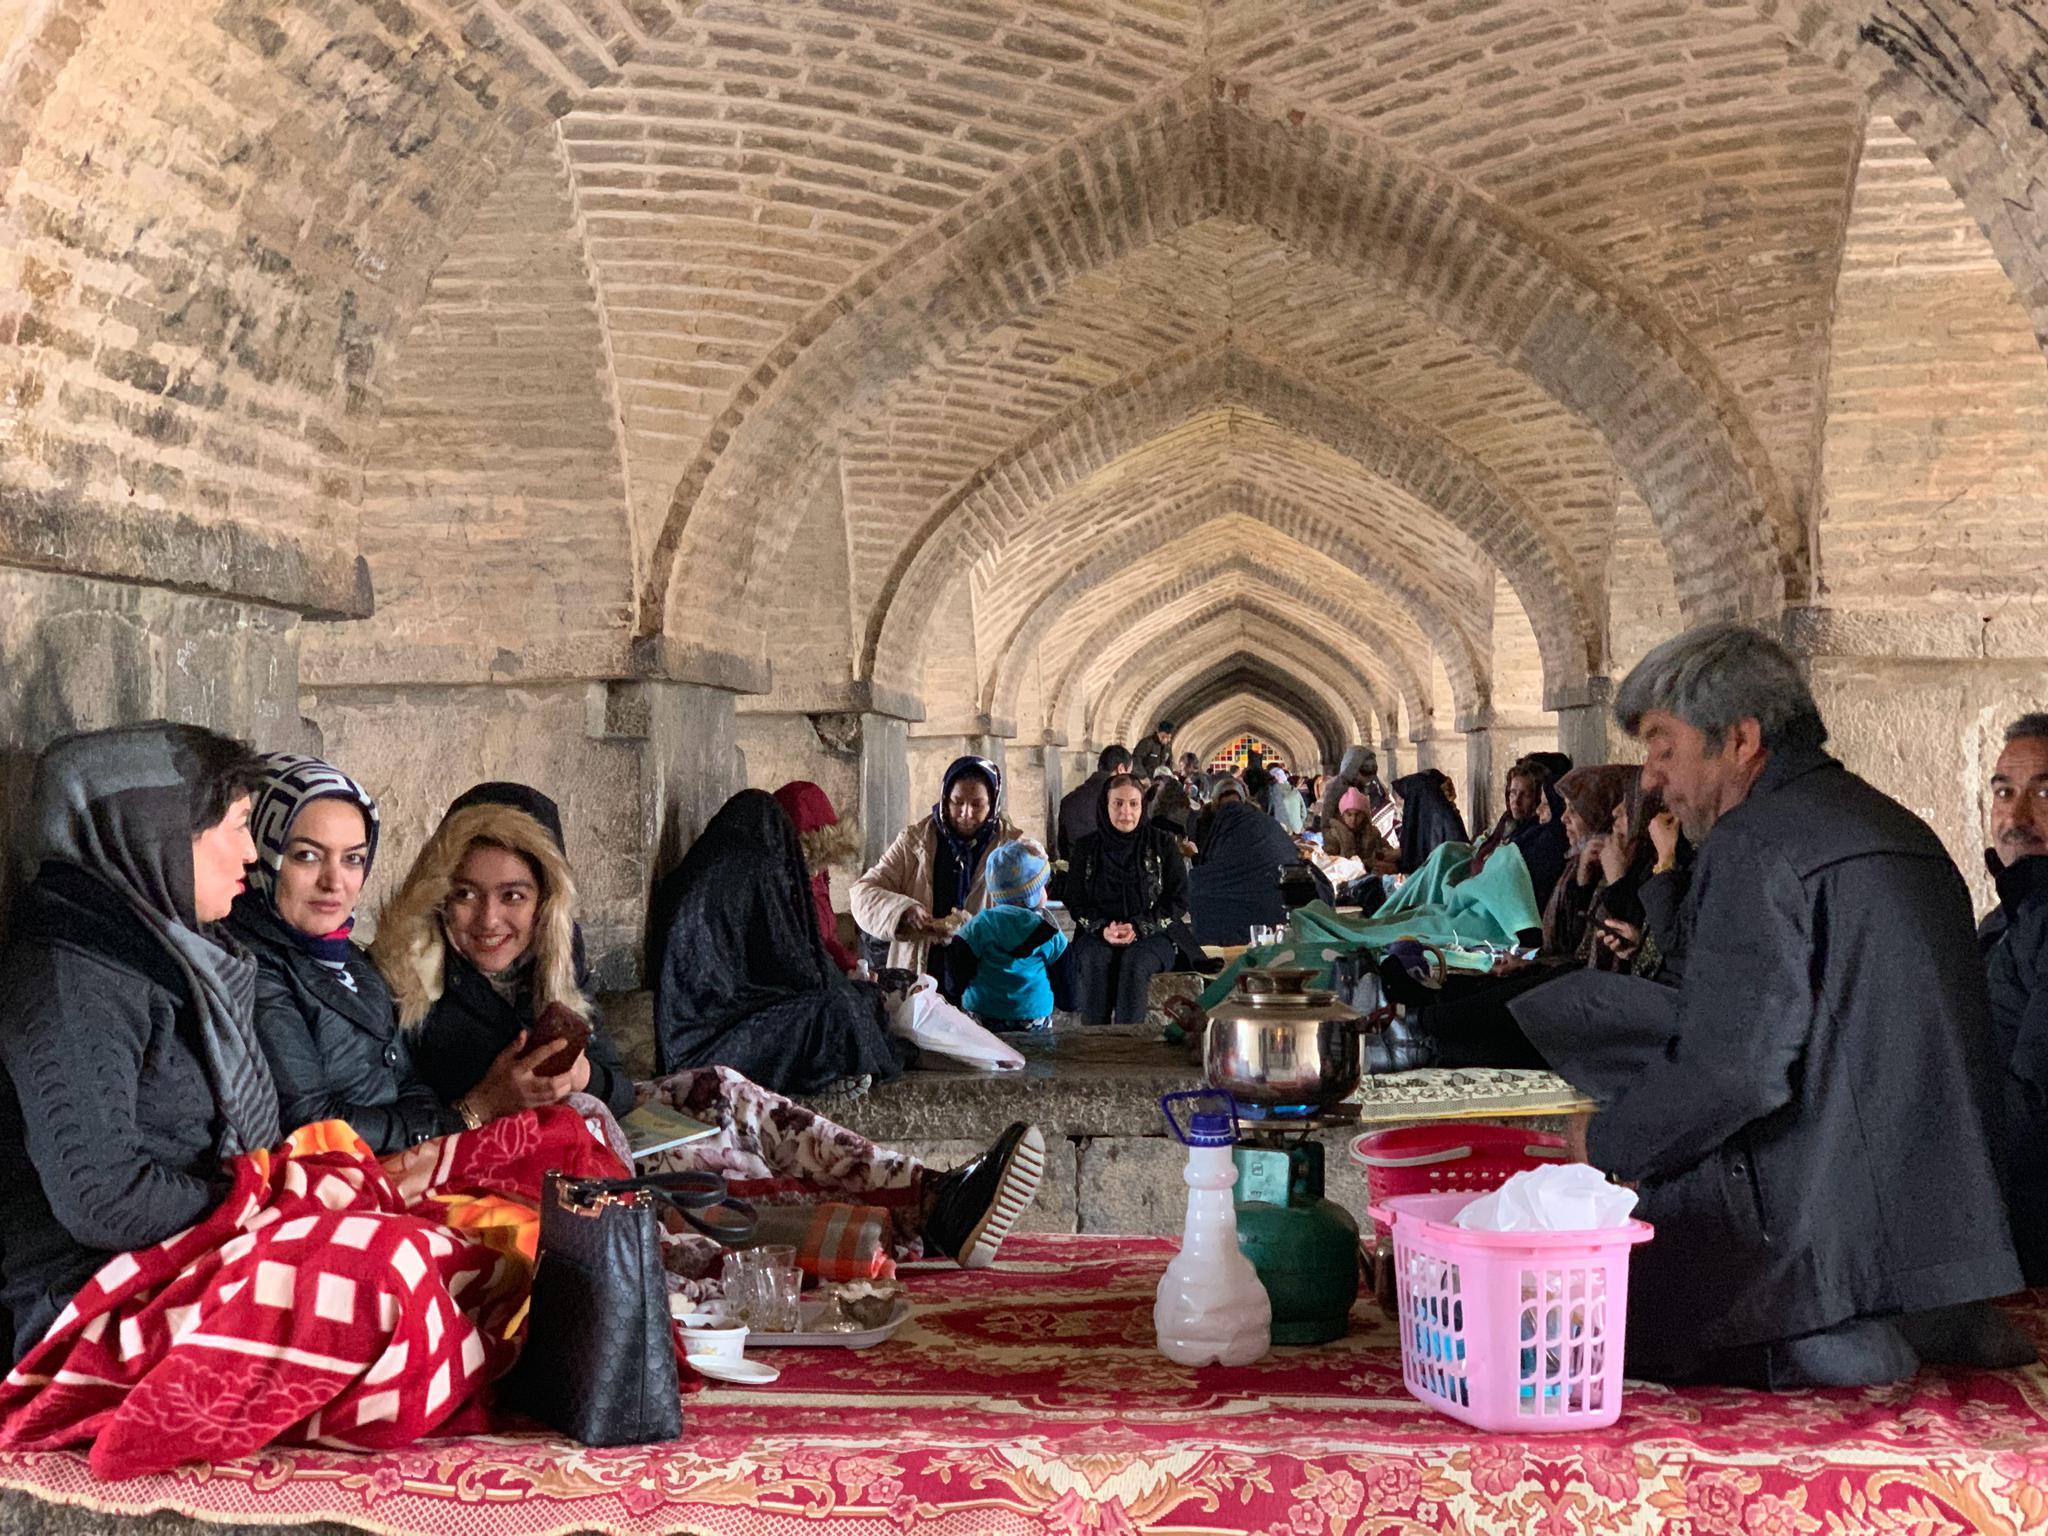 伊朗人超级爱聚集,从早饭开始,就聚在一个罗汉床那样的炕上